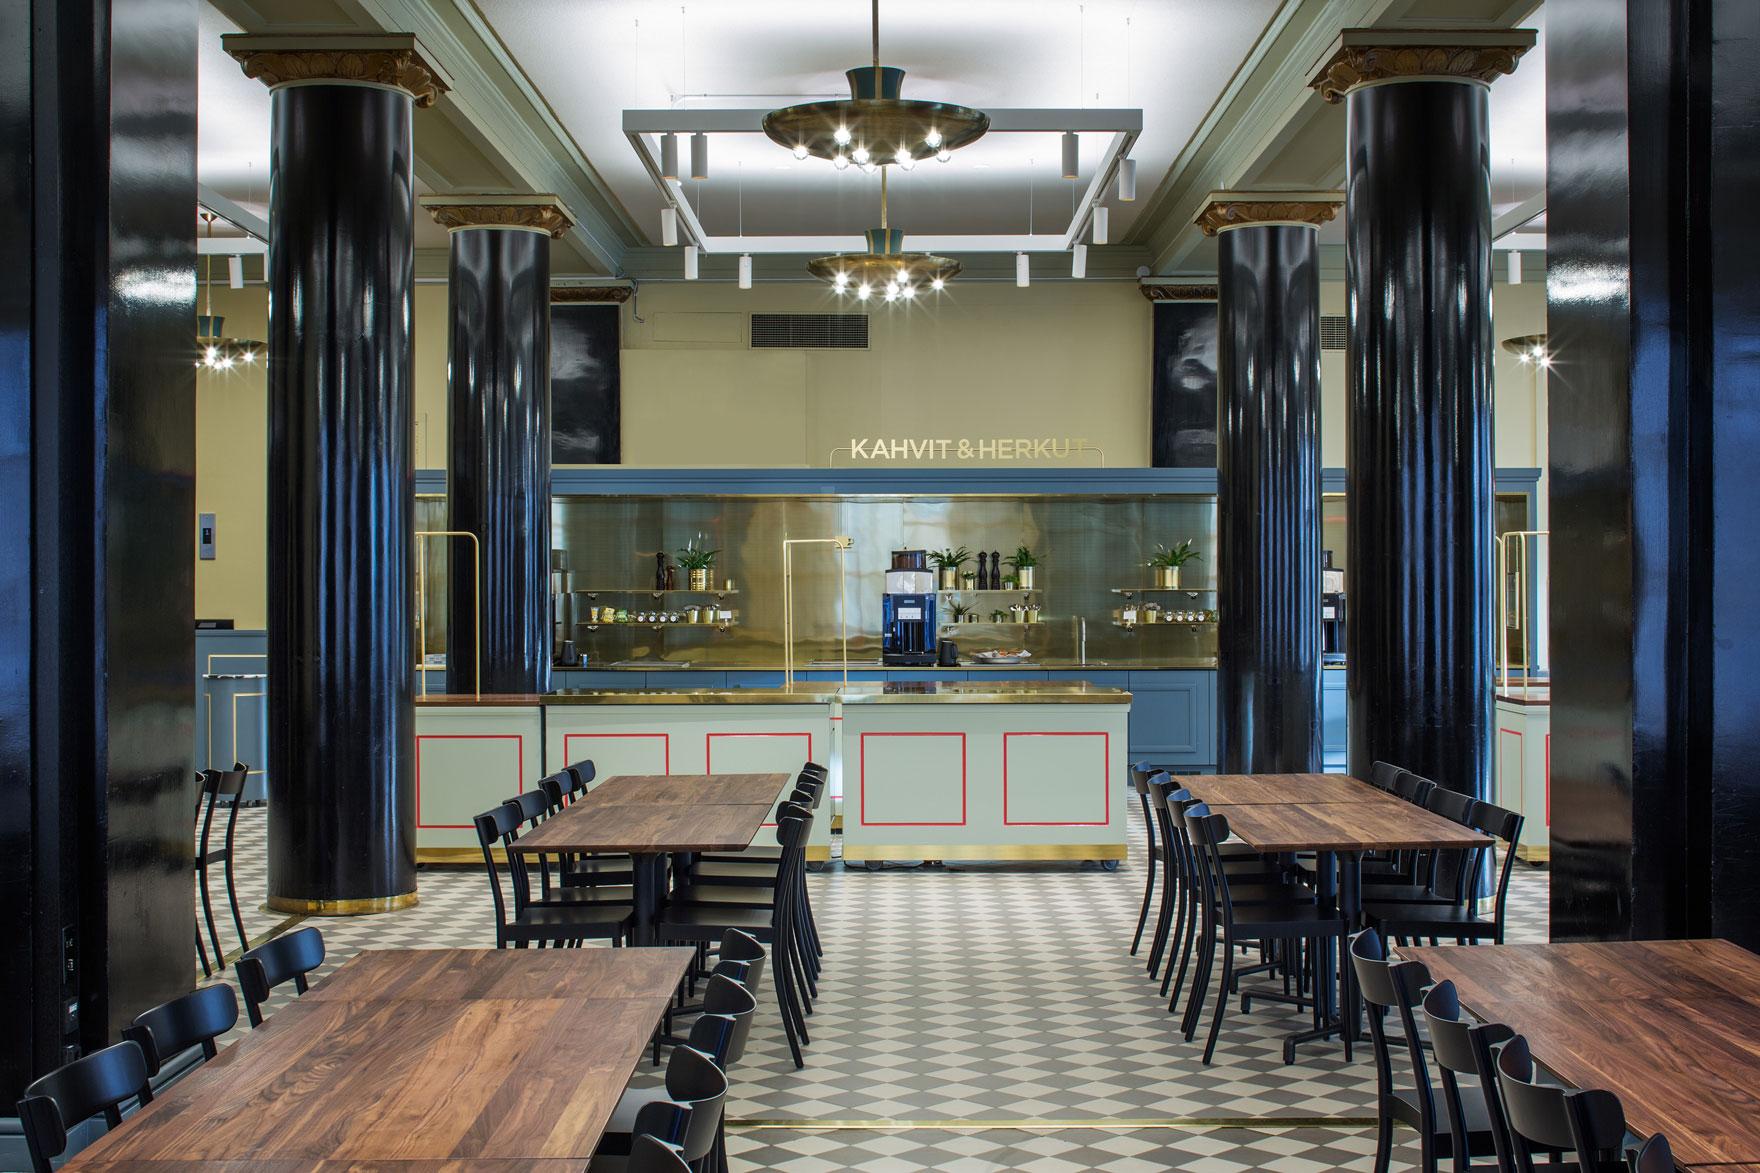 Paasitorni – Paasiravintola